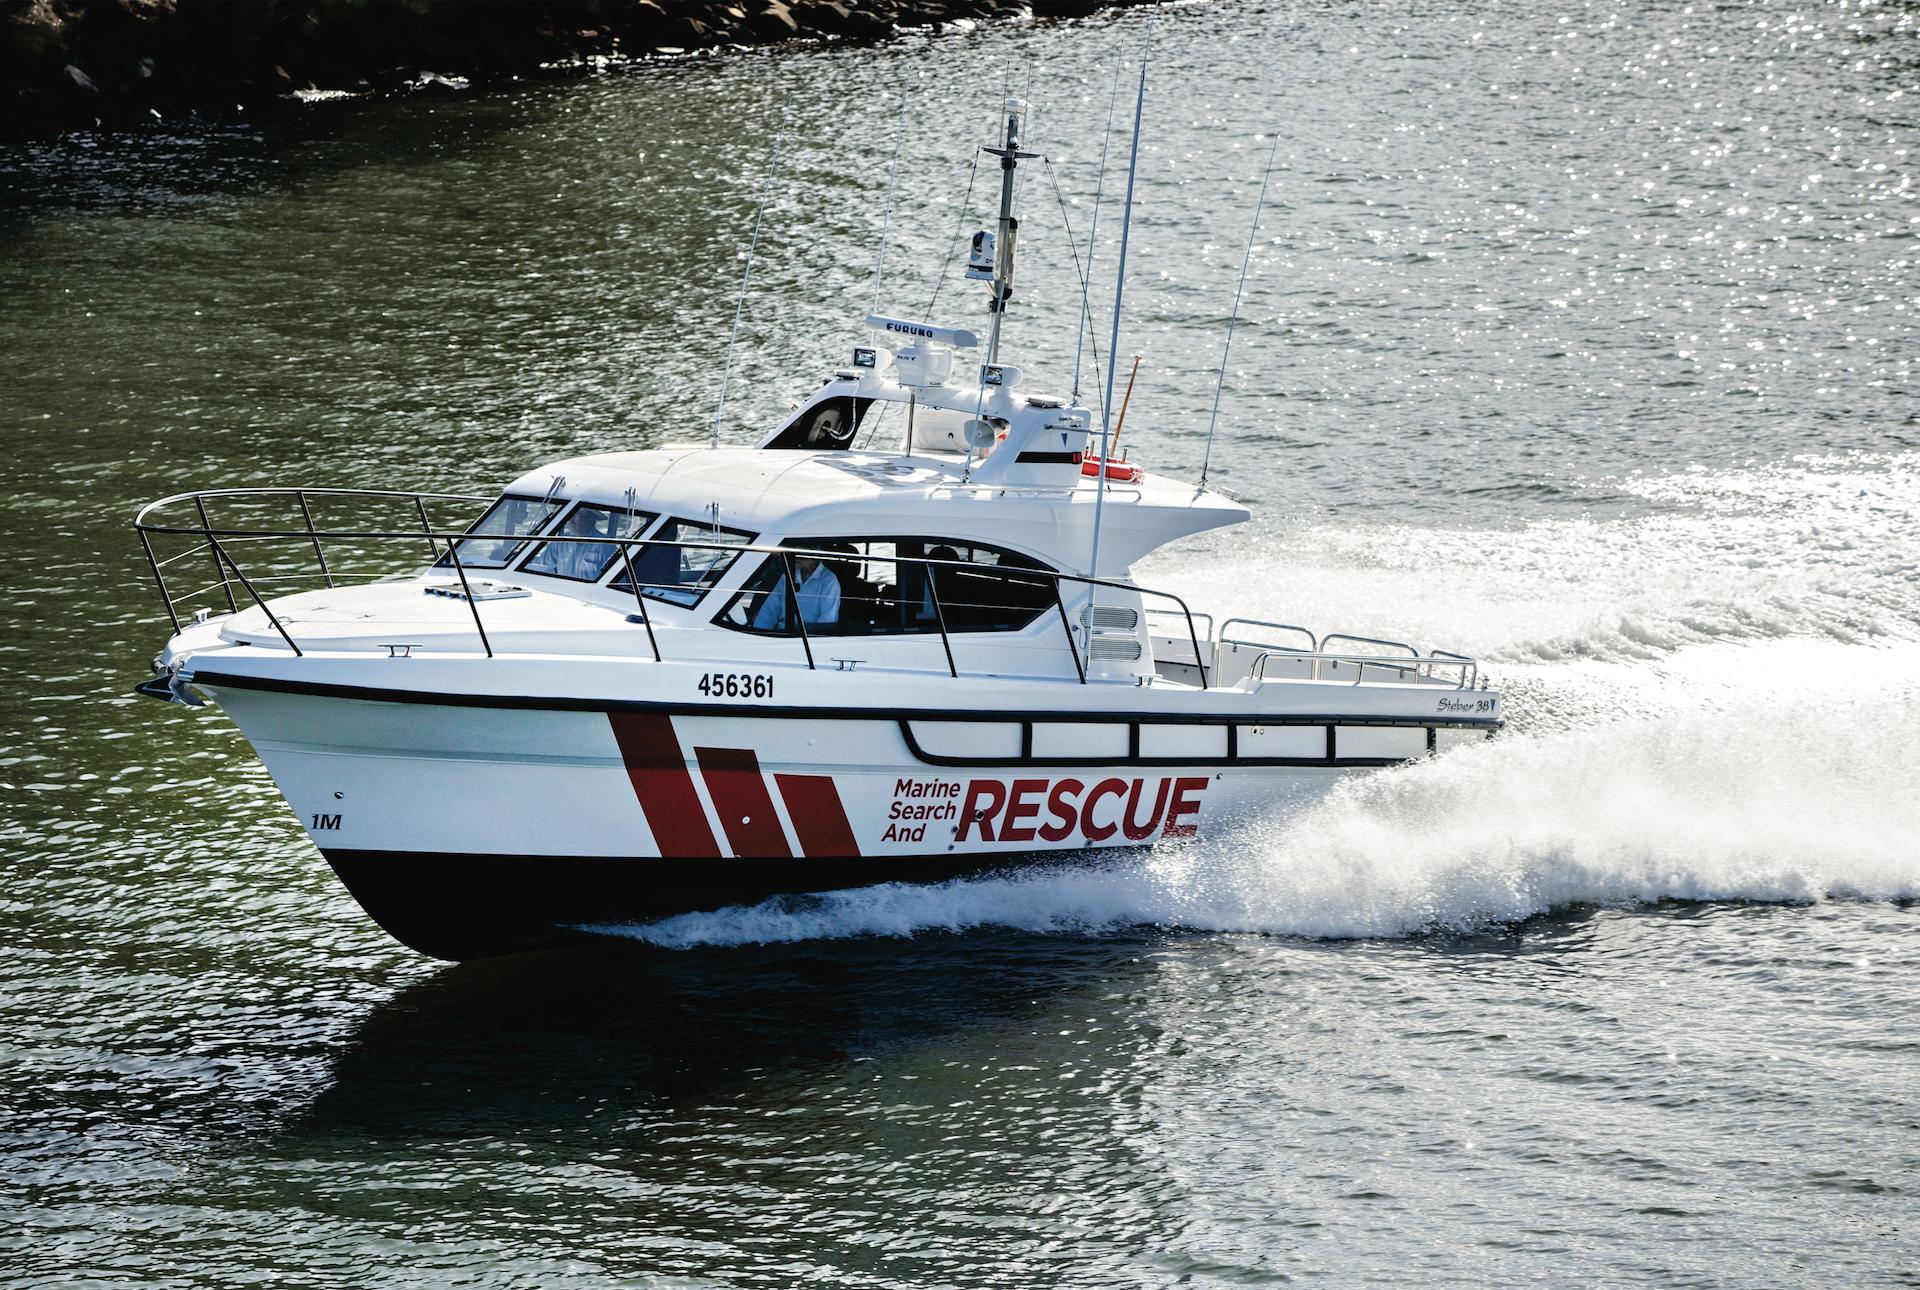 Steber 38ft Marine Search and Rescue - Port Fairy Victoria